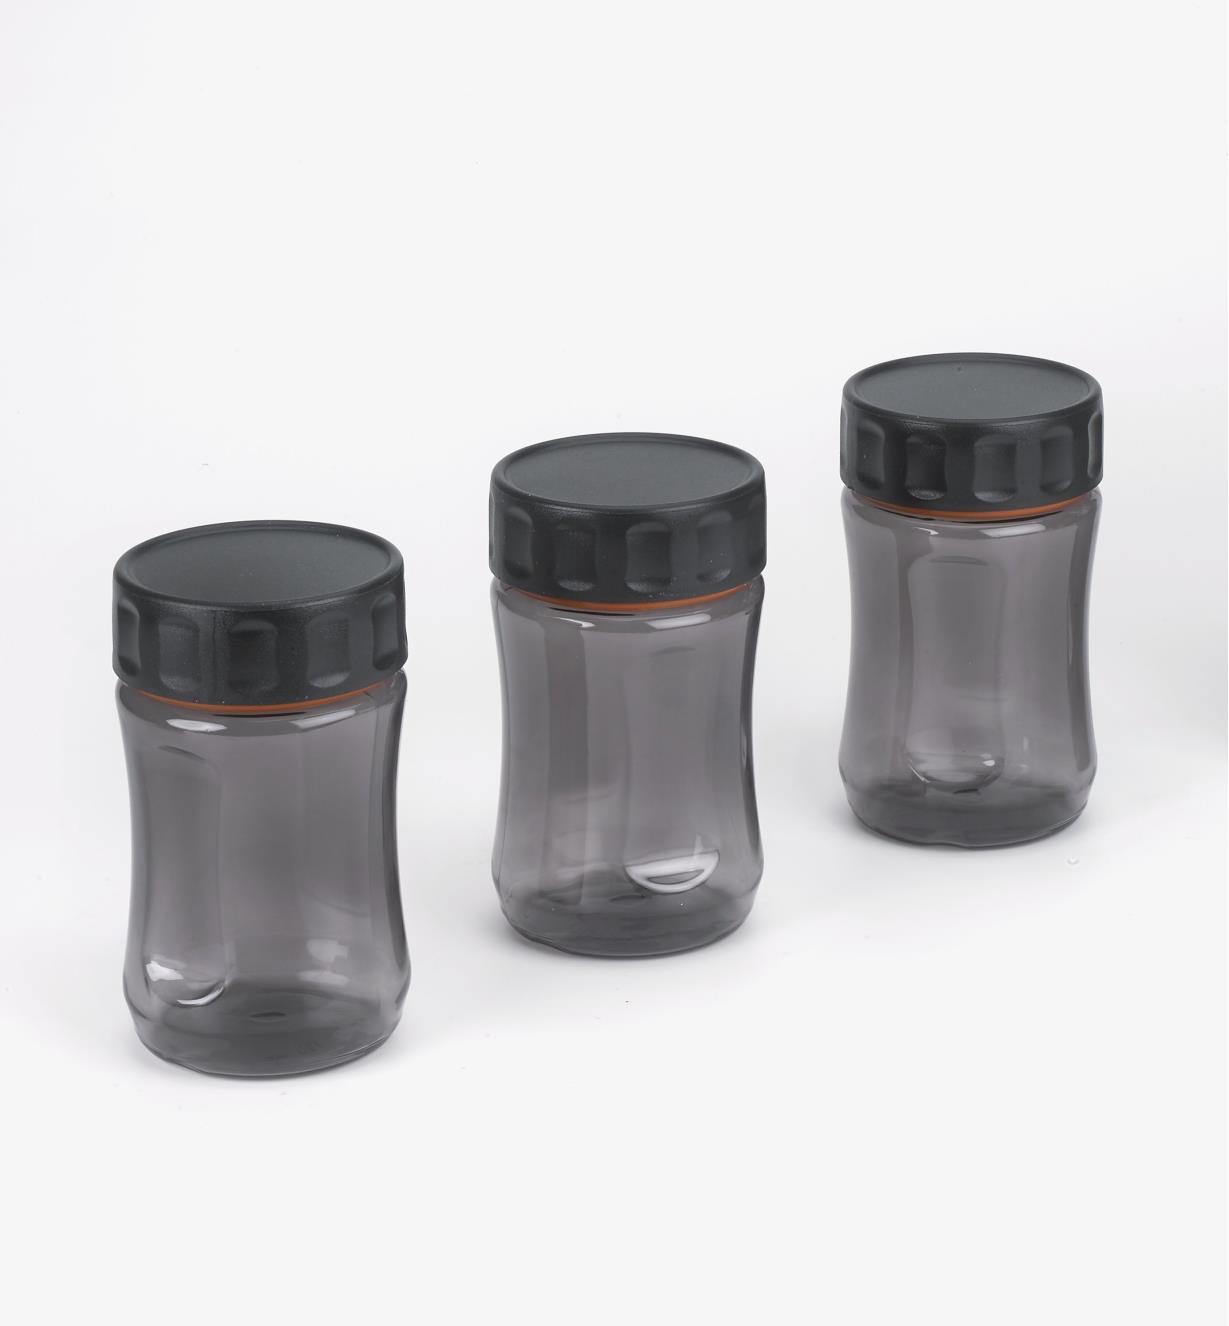 09A5341 - Lot de 3 bocaux Durajar 400 ml, gris